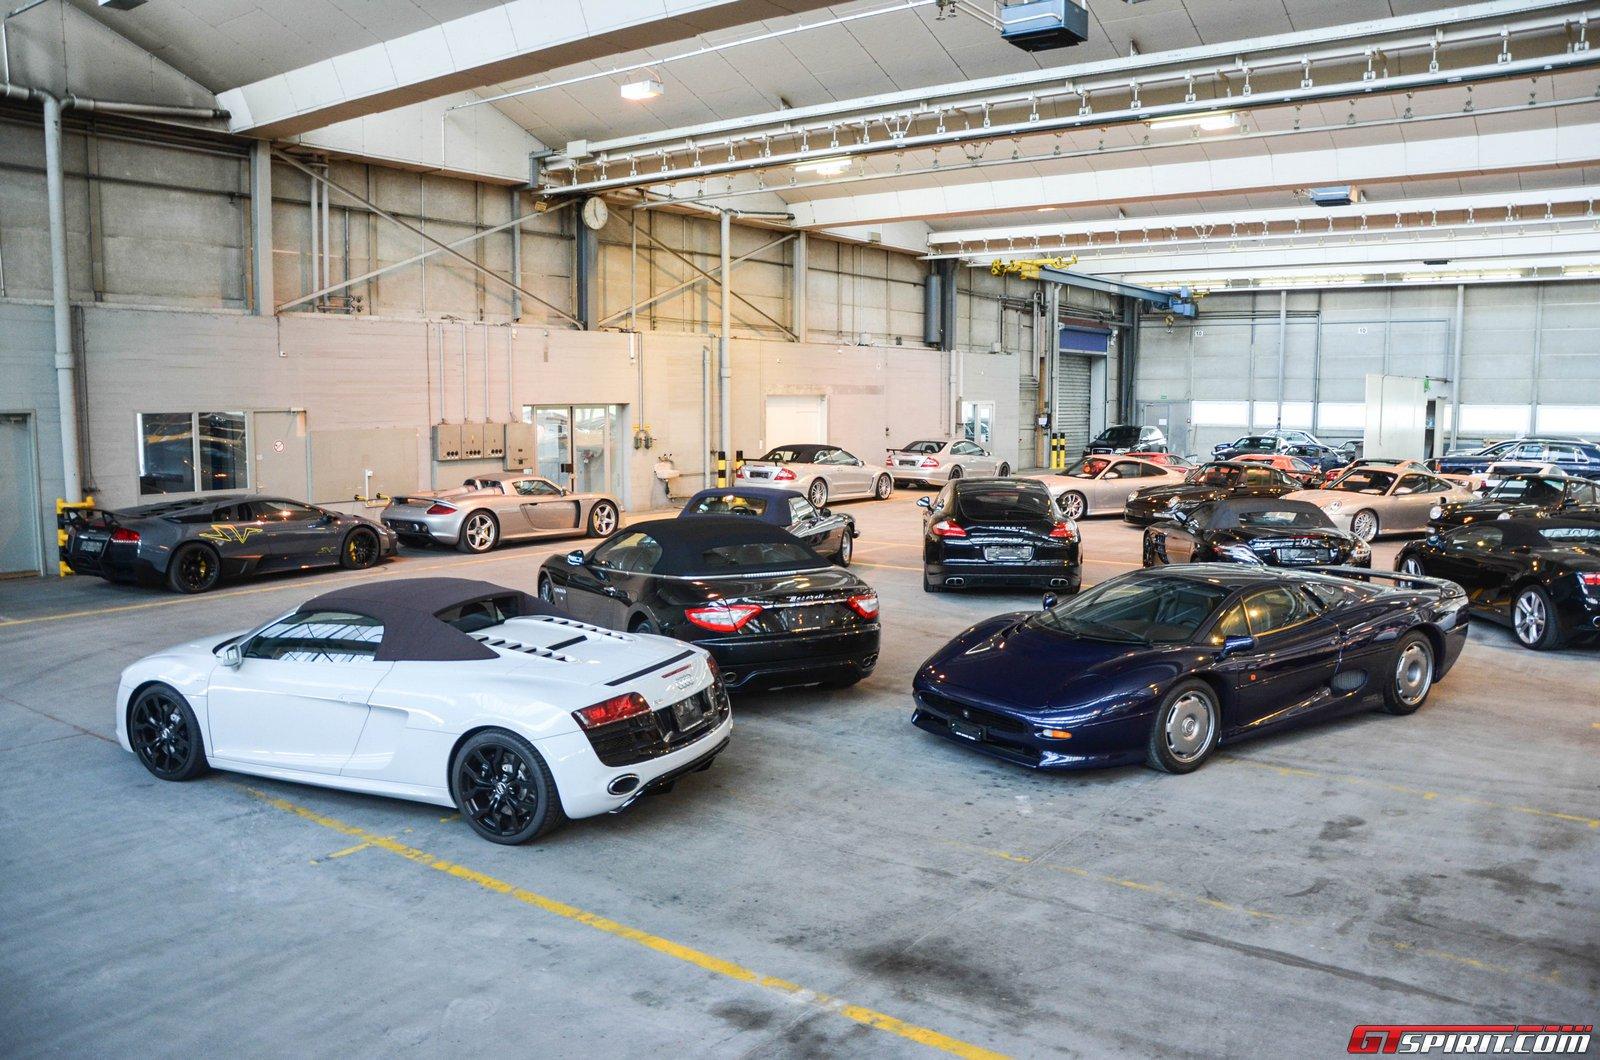 Benvenutiallangolo Luxury Car Garage Images